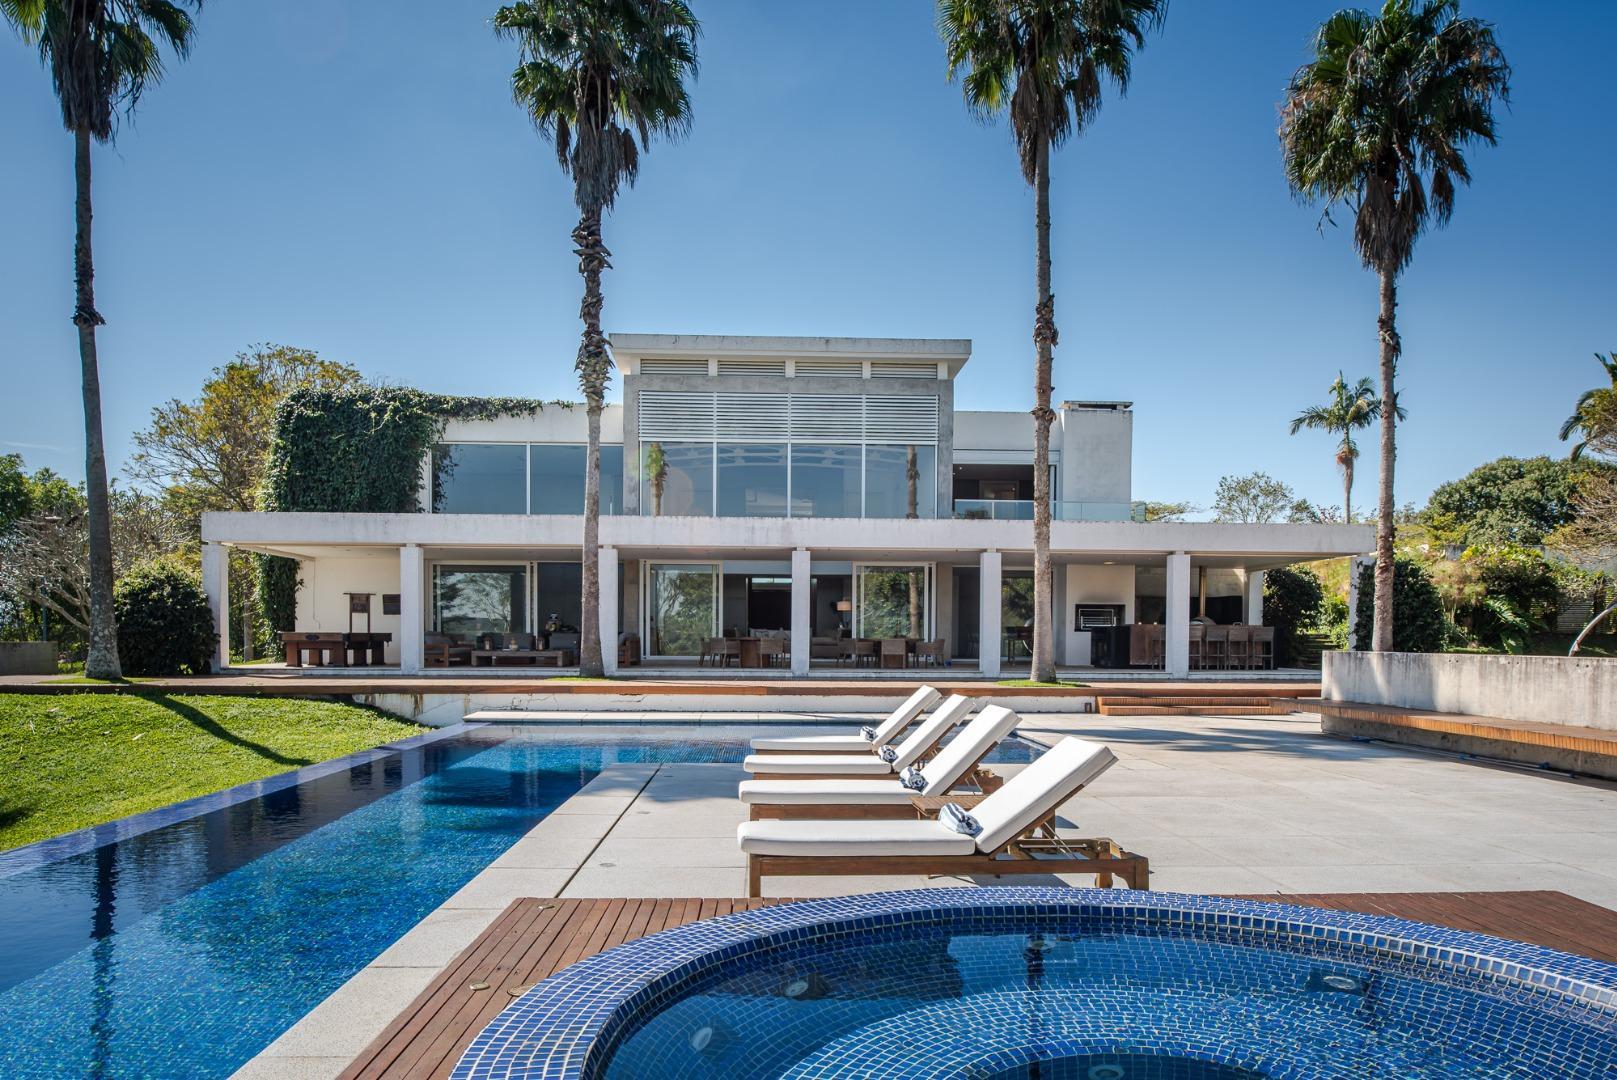 Casa com 8 dormitórios à venda, 1600 m² por R$ 22.000.000,00 - Baronesa - Bragança Paulista/SP